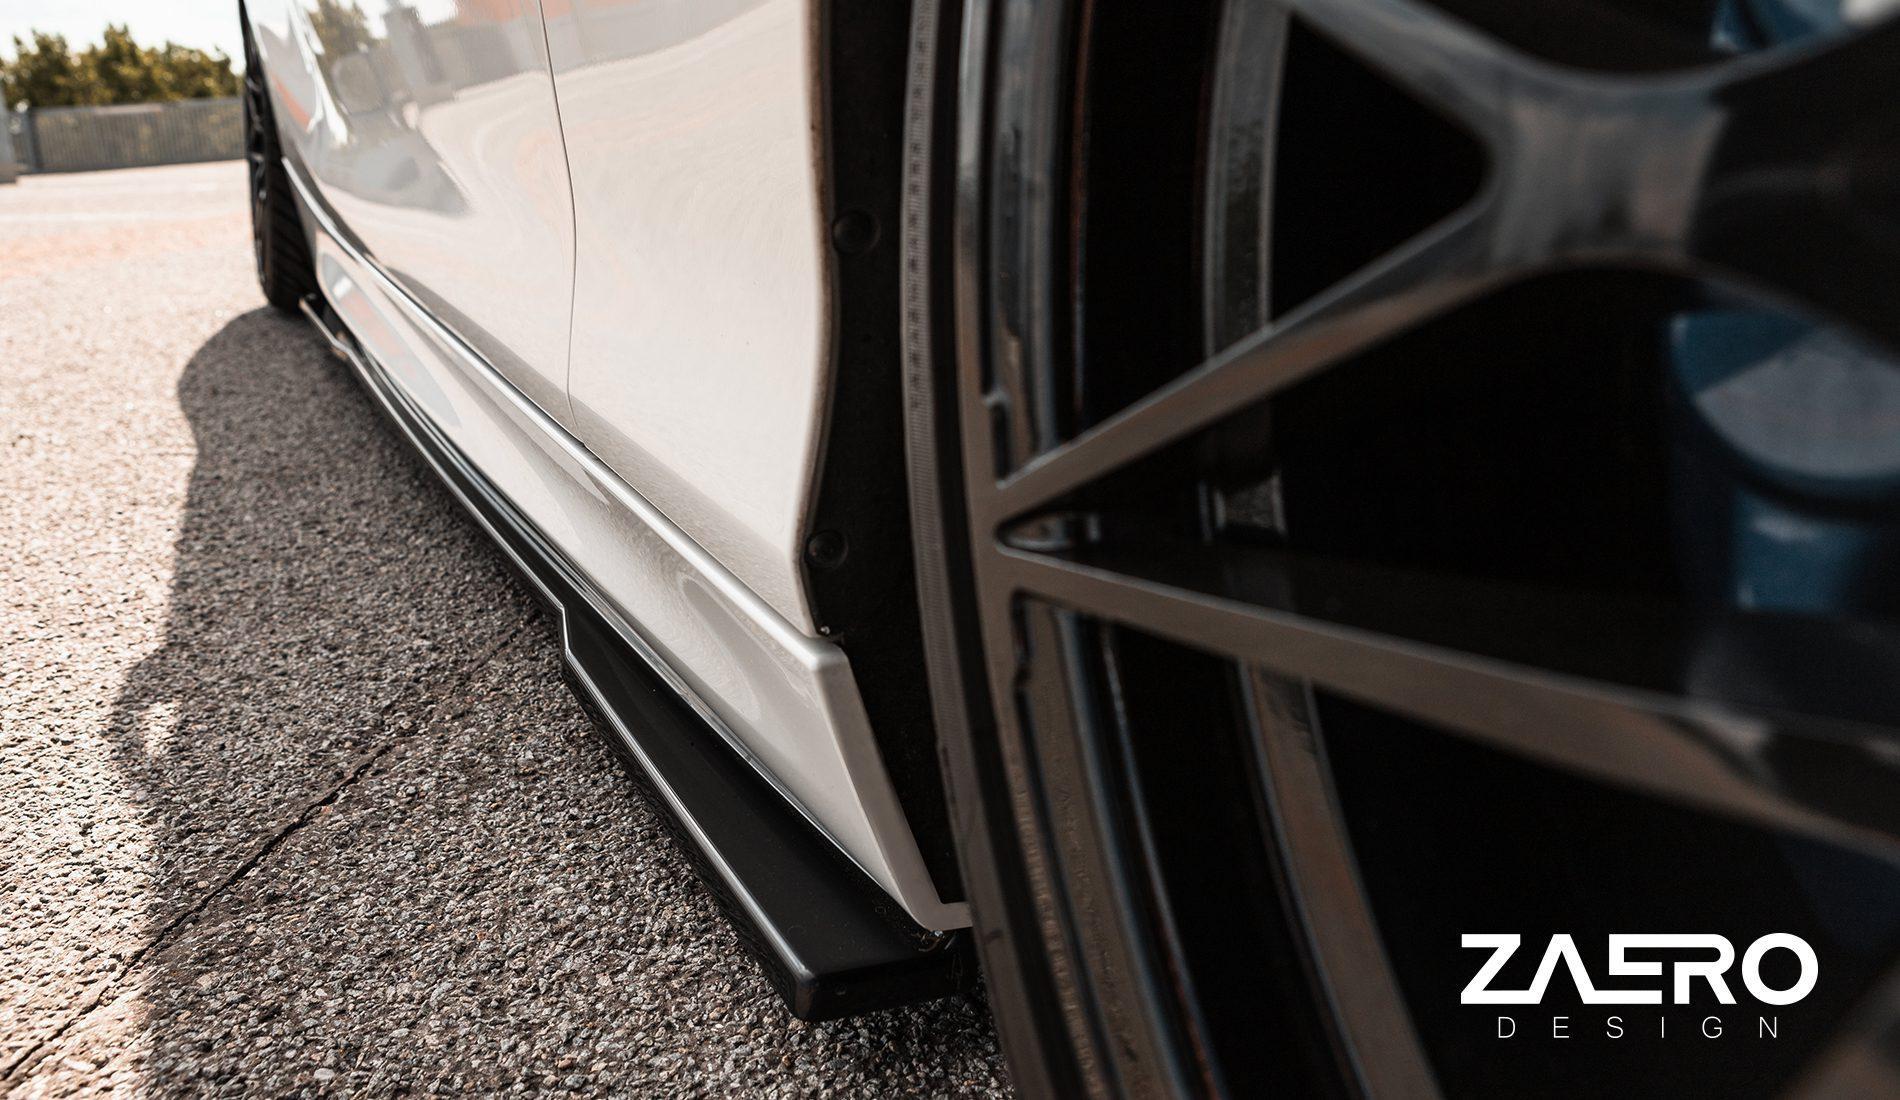 ZAERO-DESIGN-EVO-1-SIDE-SKIRT-EXTENSION-FOR-BMW-1-SERIES-116i-118i-120i-125i-M135-F20-F21-PRE-LCI-SPLITTER-SPOILER-BODY-KIT